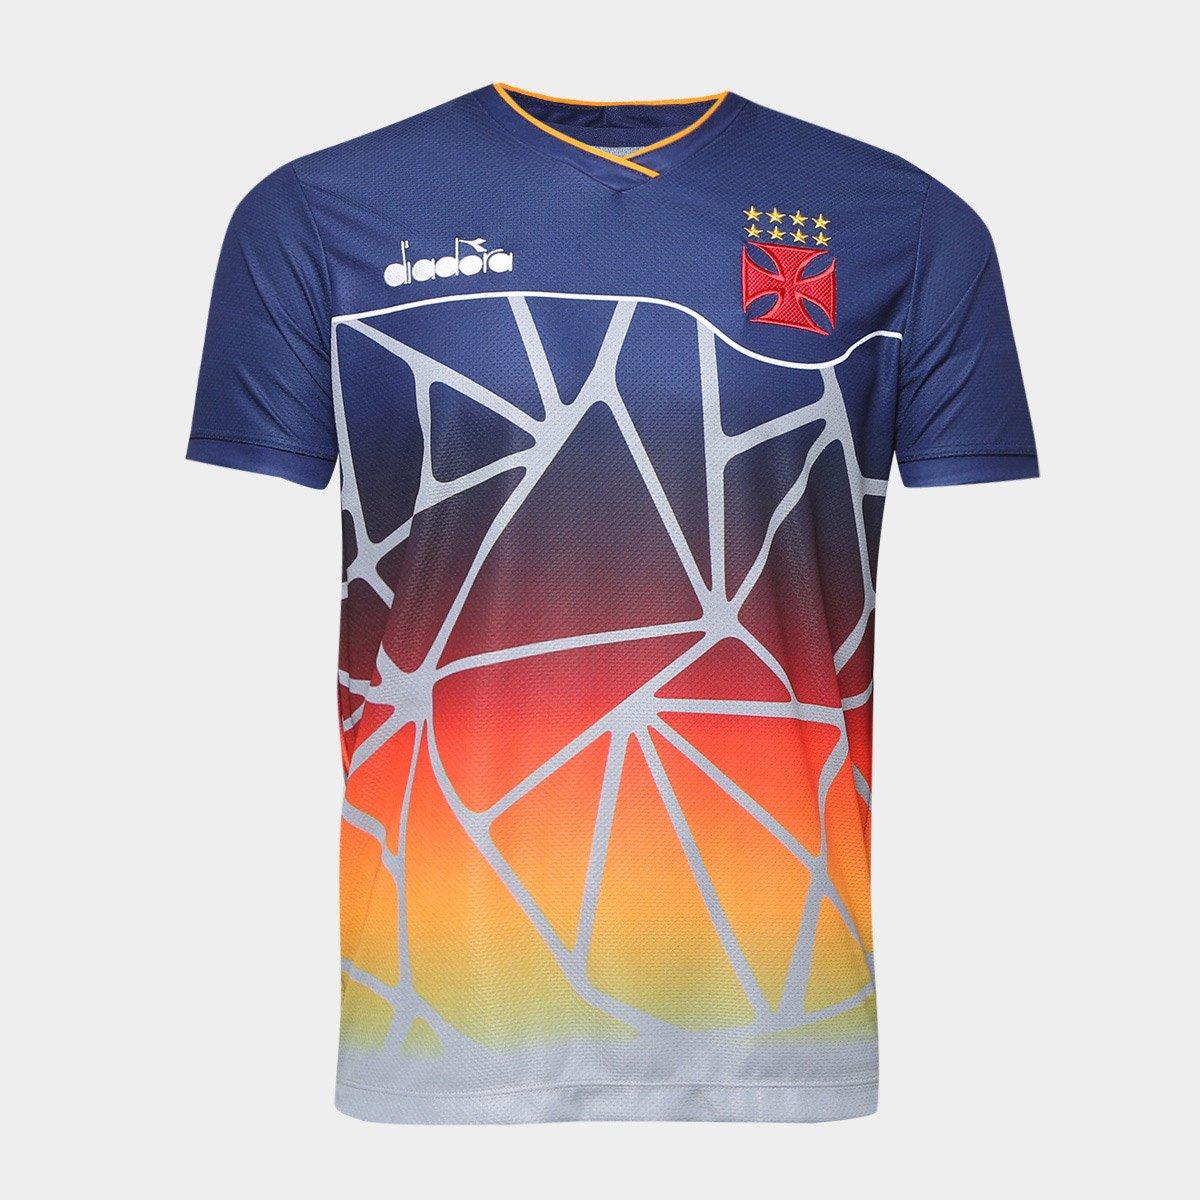 fbc0c1f8c4 Camisa Vasco Treino 2018 Atleta Diadora Masculina - Compre Agora ...